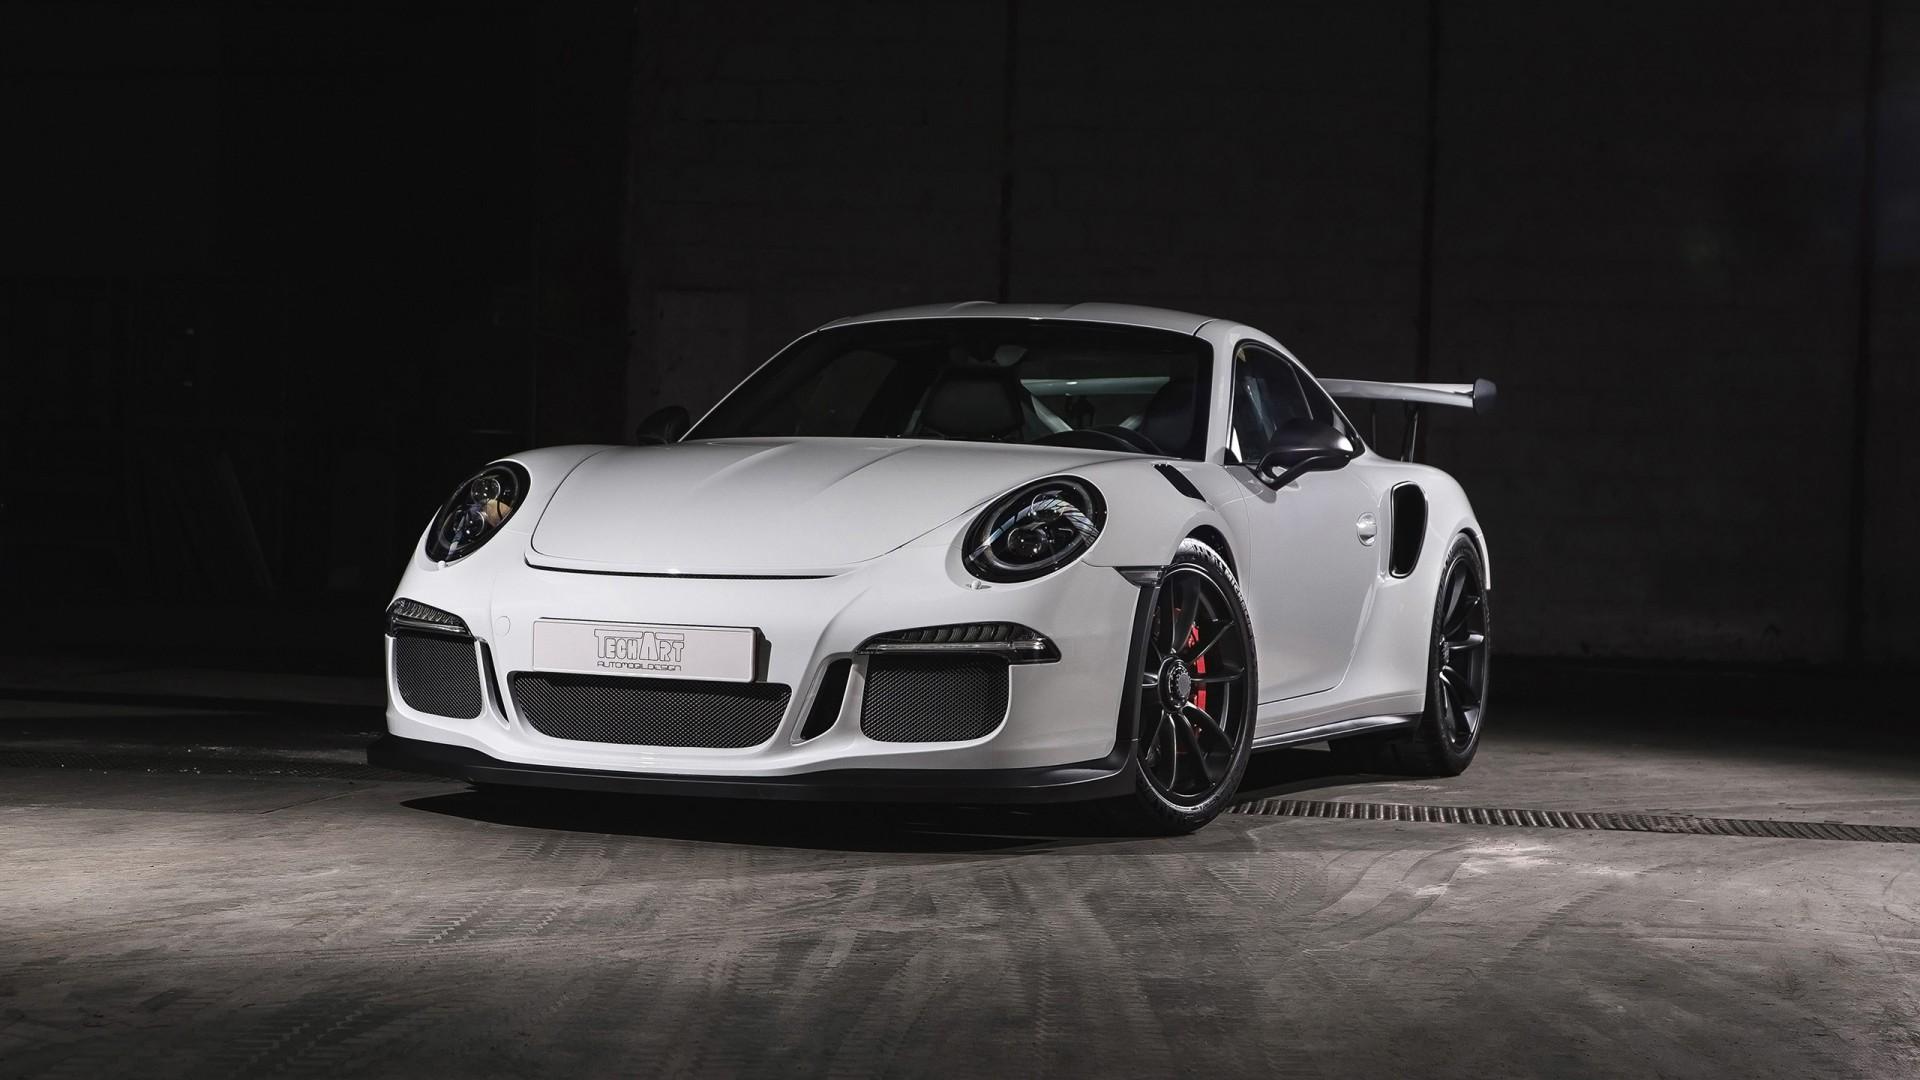 Sport Wallpaper Porsche 911: 2016 TechArt Porsche 911 GT3 RS Carbon Sport Wallpaper